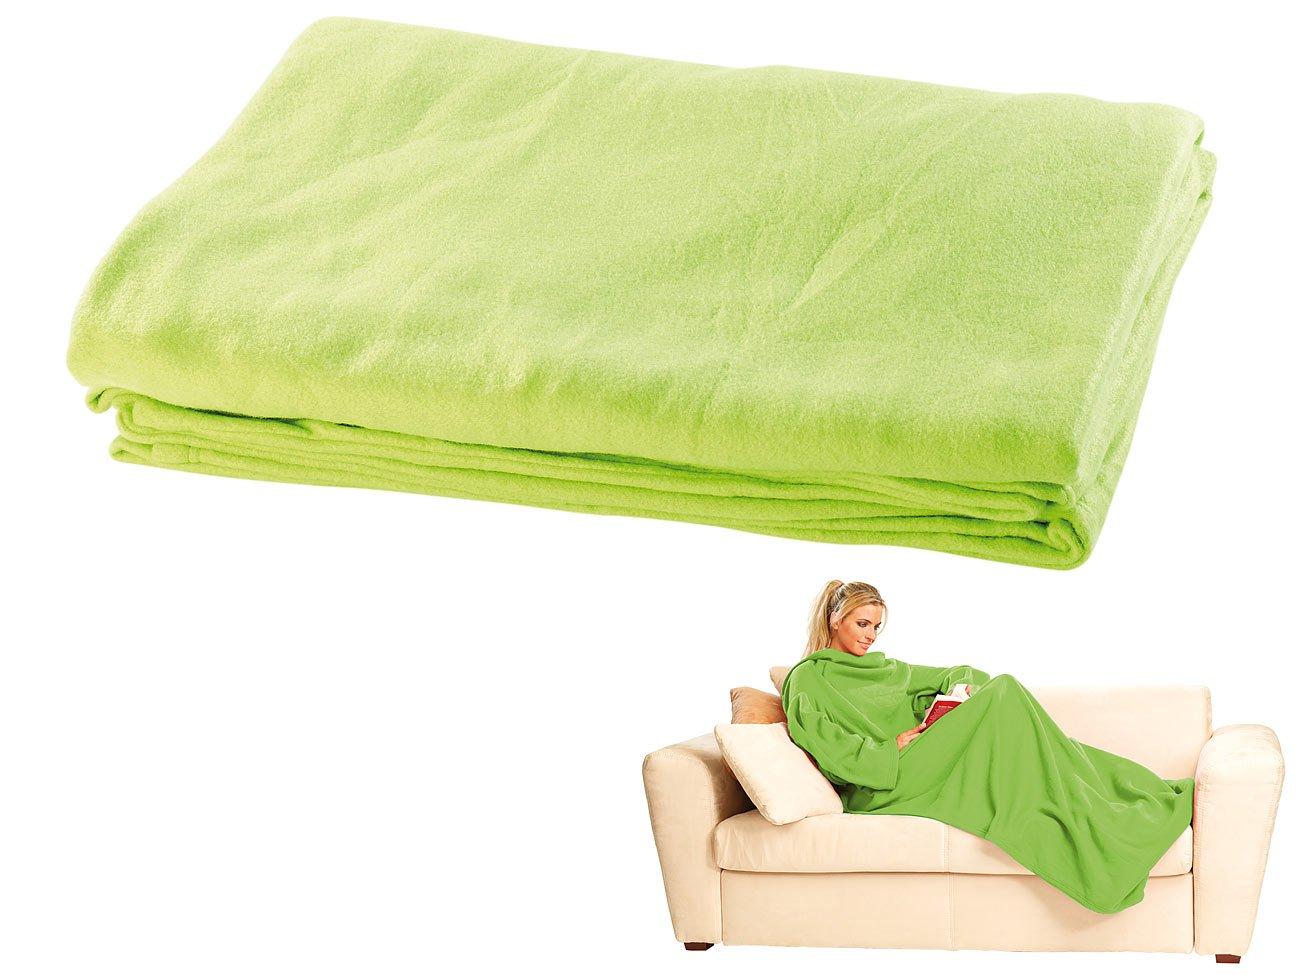 Wilson Gabor Ärmel Decken: Fleece-Kuscheldecke mit Ärmeln, grün (Hausanzug-Decke)